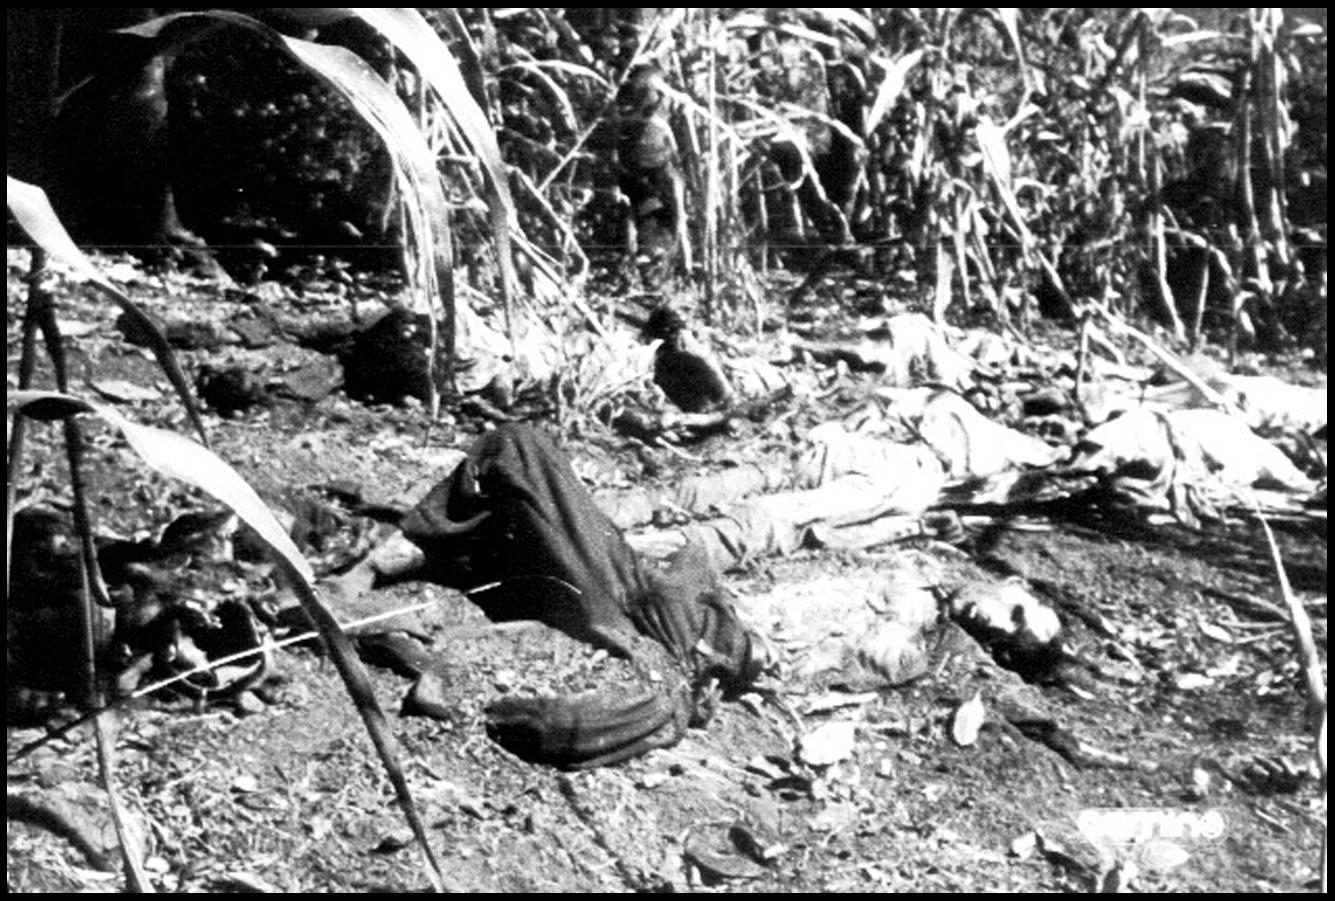 Tribunal declaraCrimen de Lesa Humanidad caso El Mozote